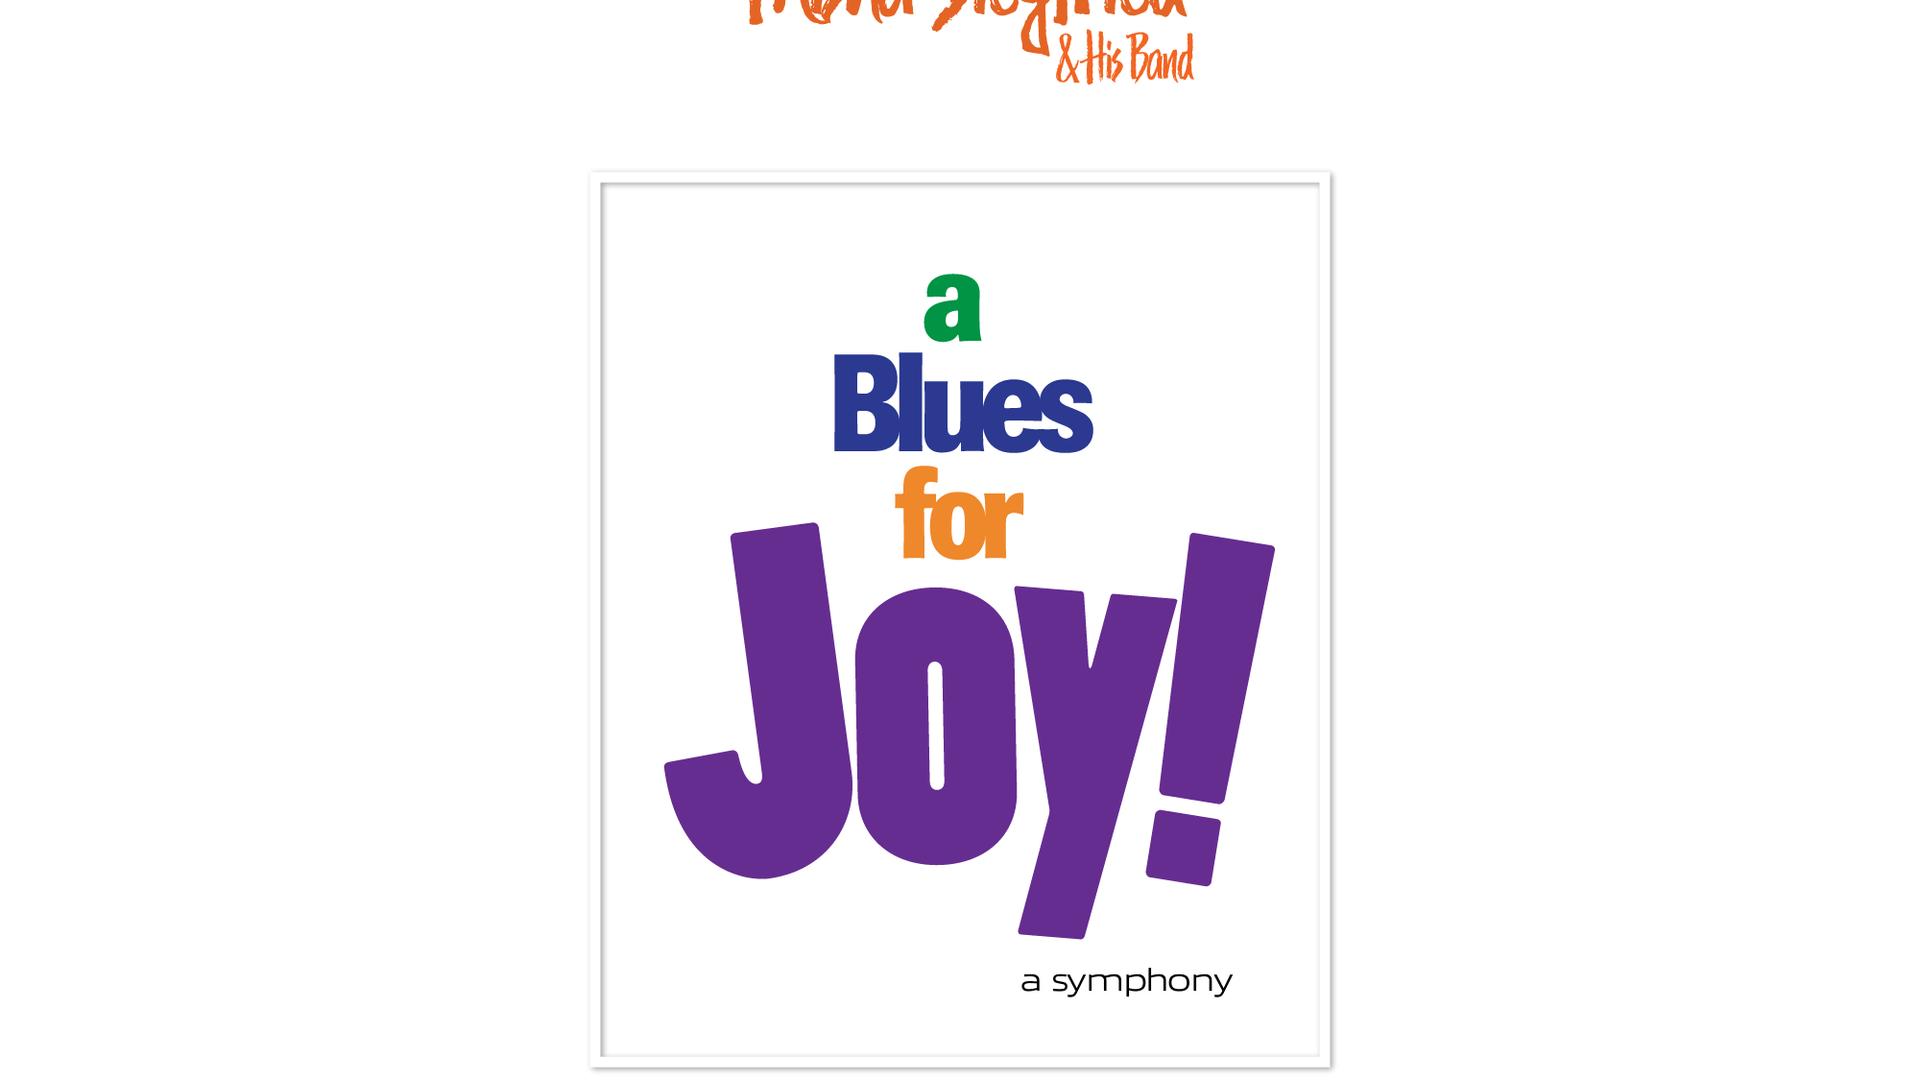 A Blues for Joy!